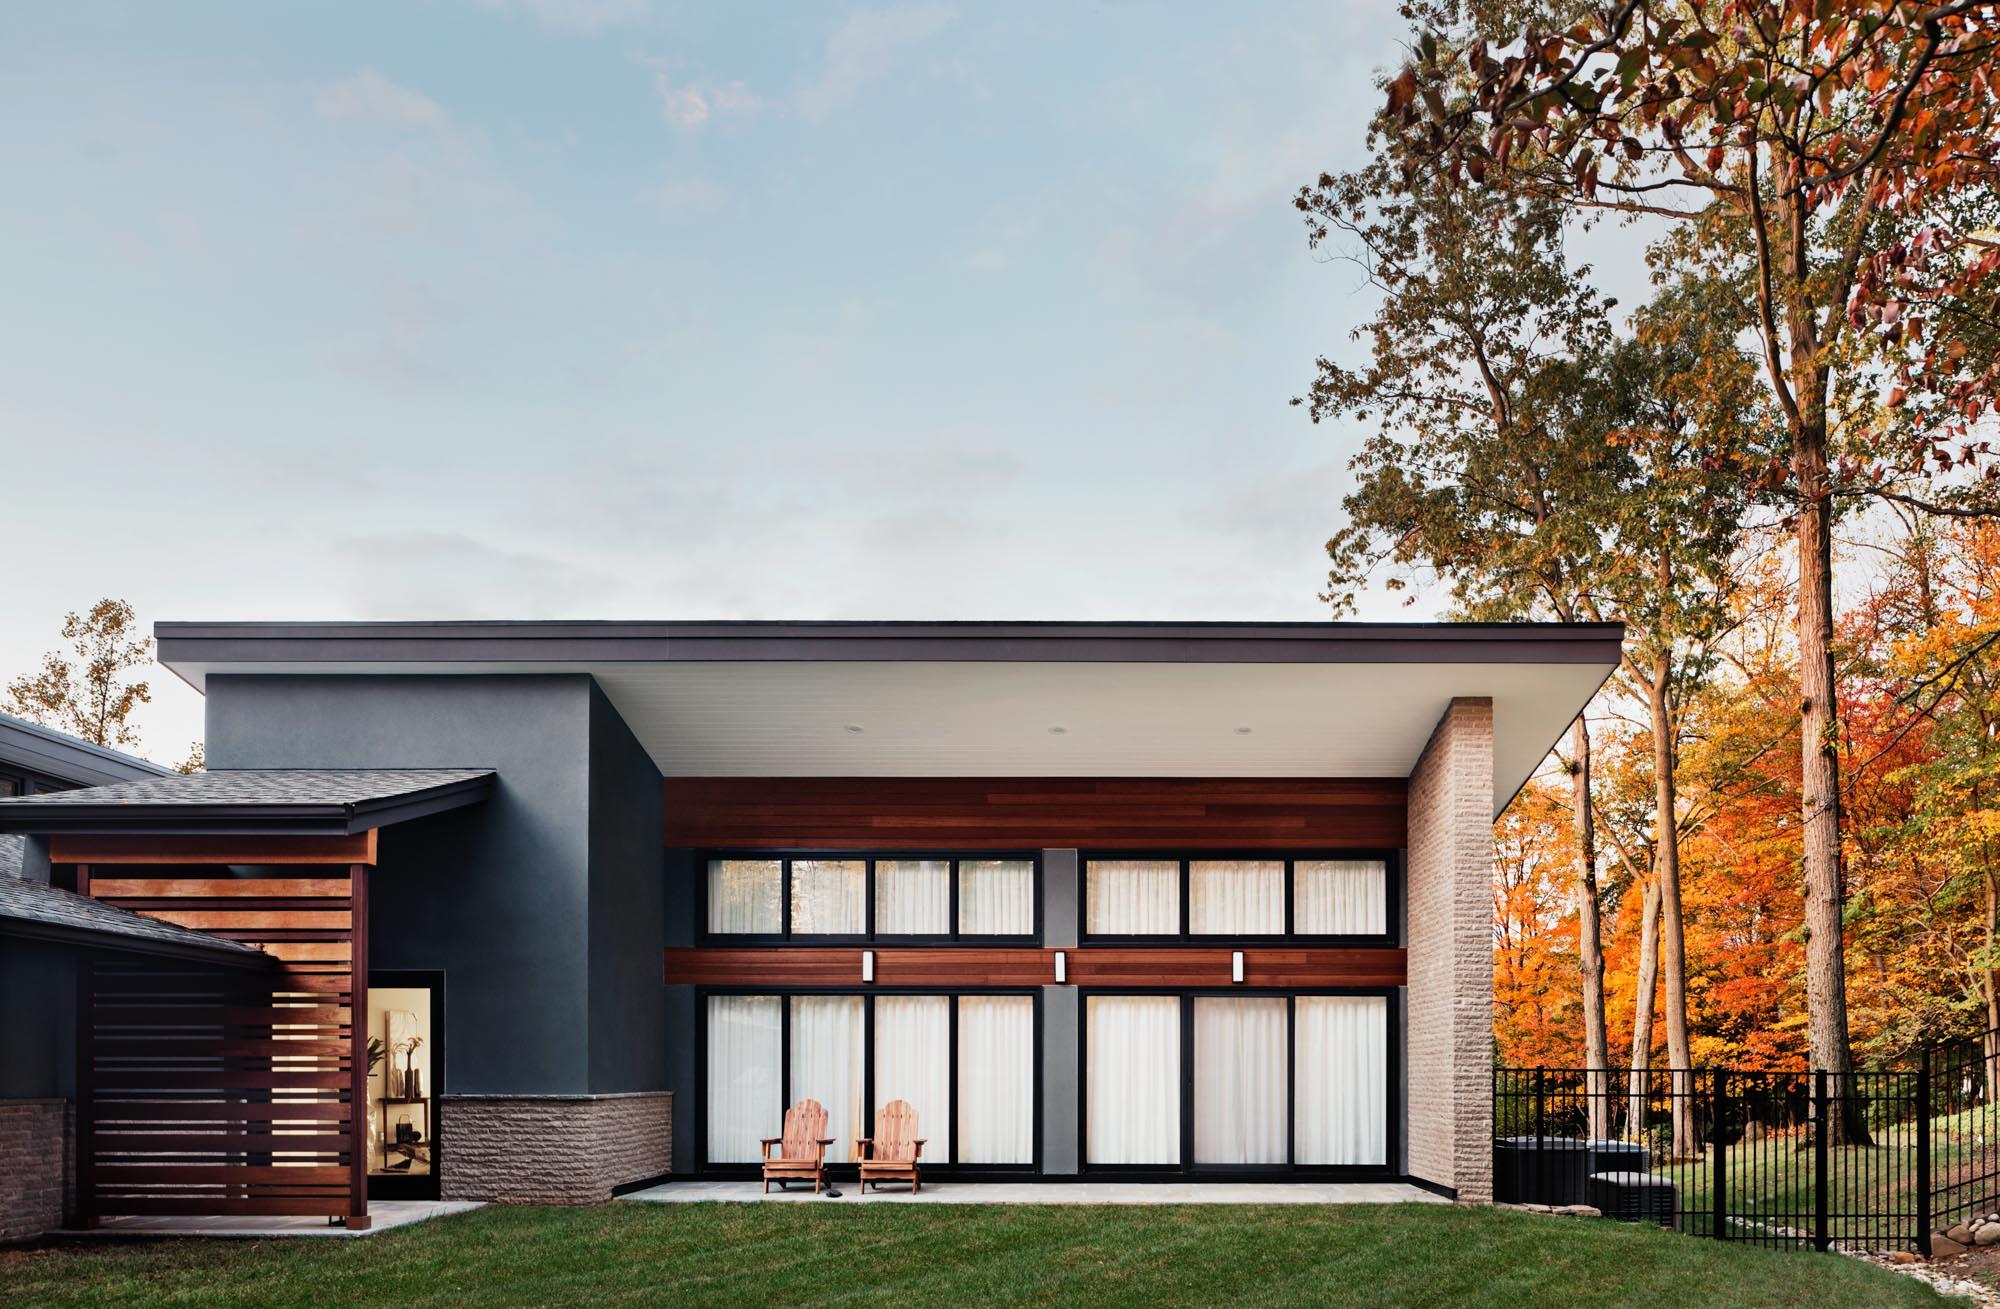 Wood Road Tenafly, NY Z+ Architects